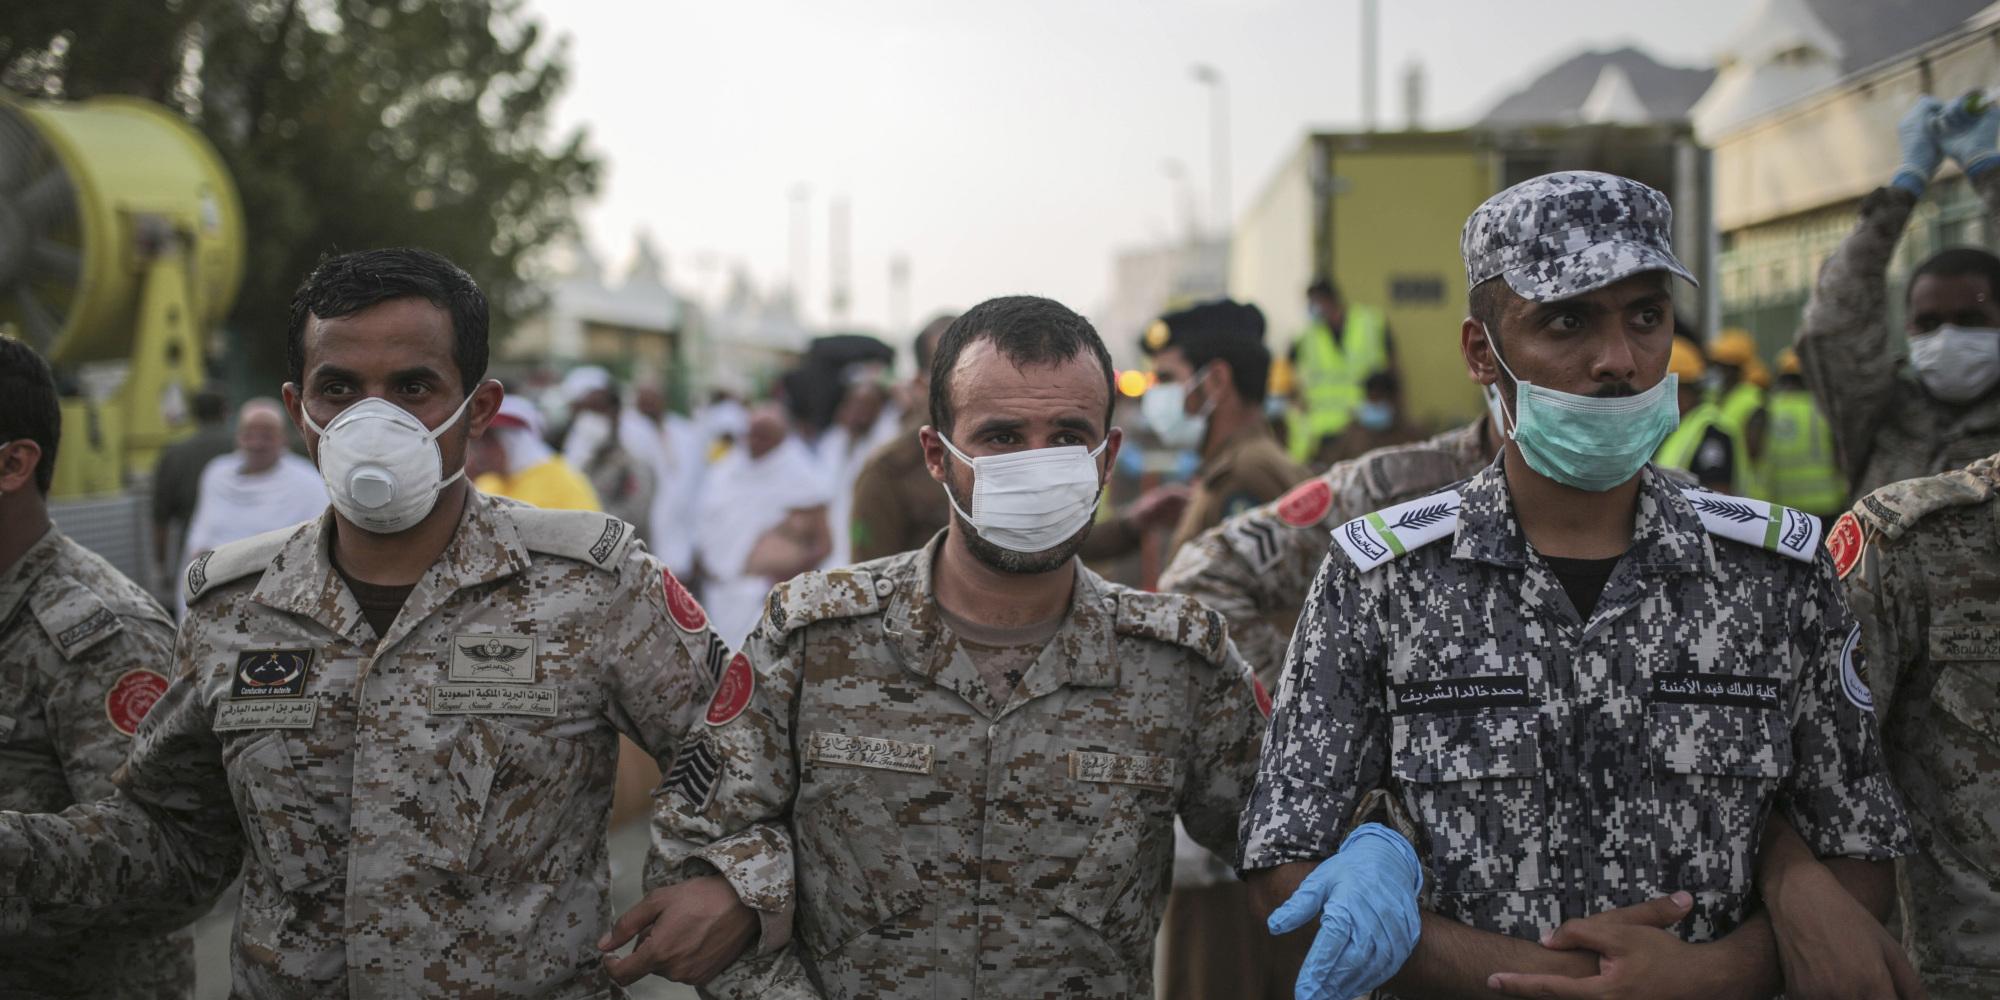 مسؤولون سعوديون أغلقوا الطرق فمات 717 حاجاً في منى